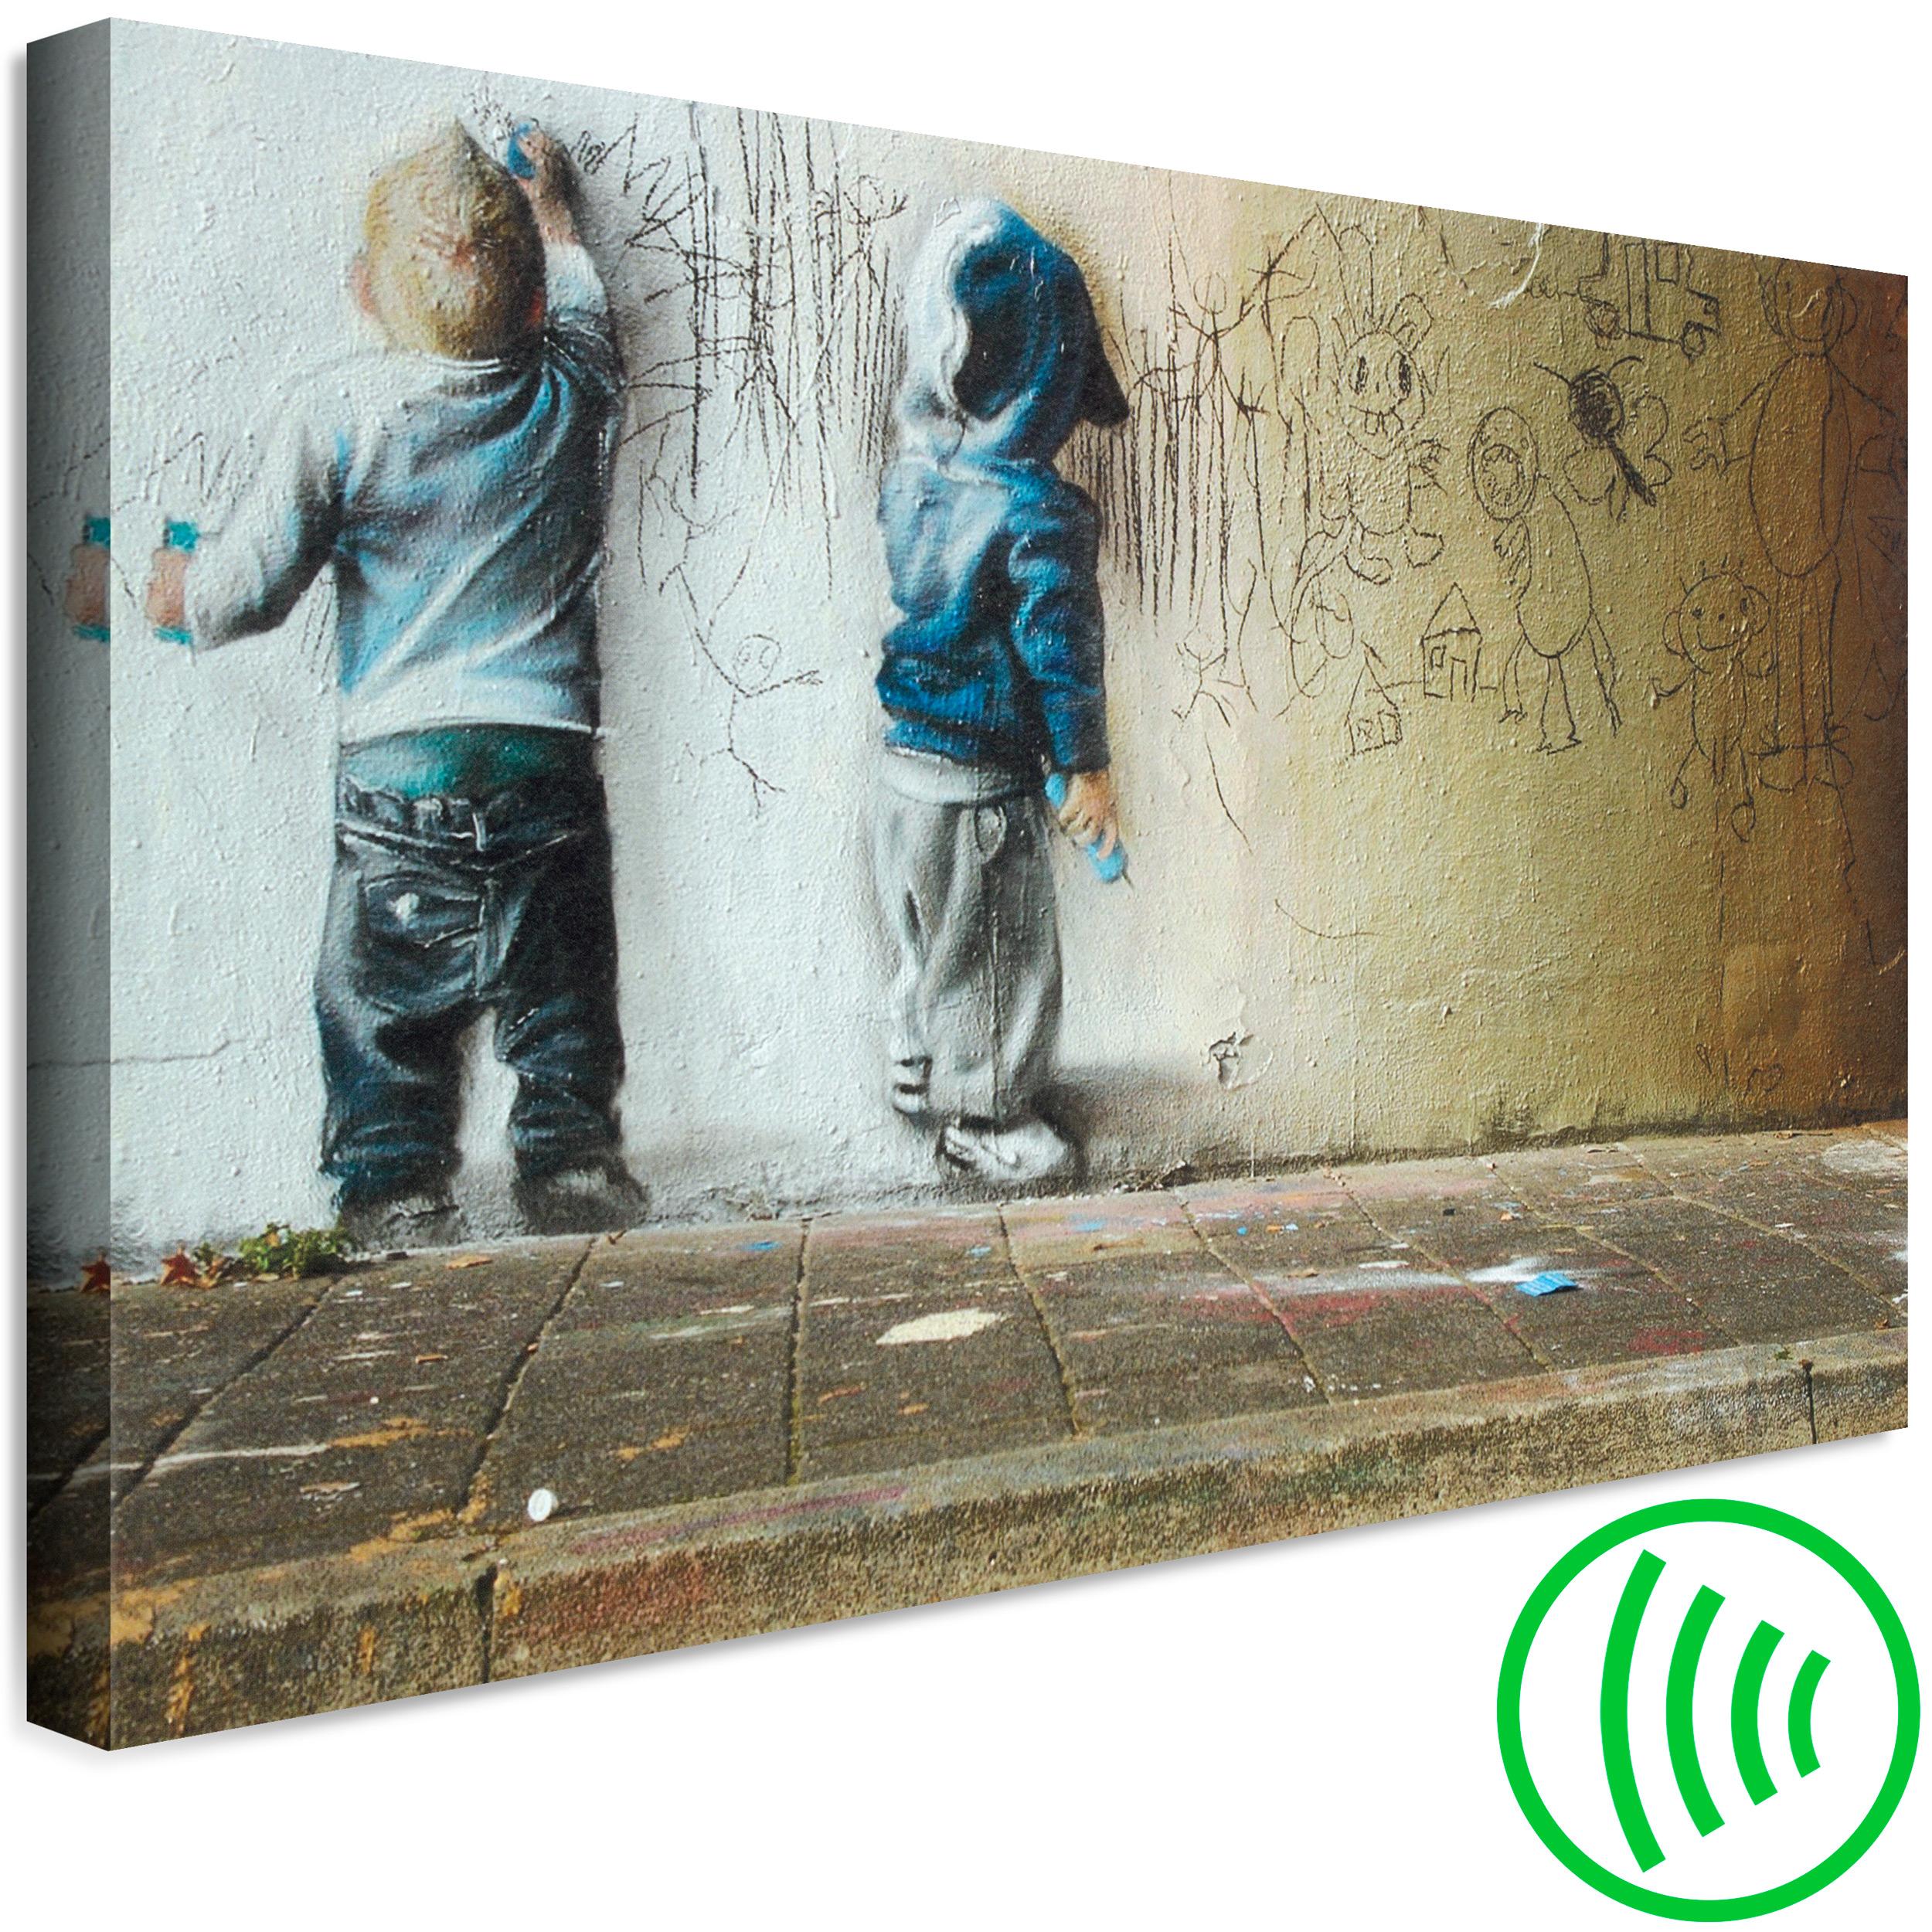 Leinwand bilder banksy abstrakt kinder wandbilder xxl wohnzimmer kunstdruck 511 ebay - Kinder wandbilder ...